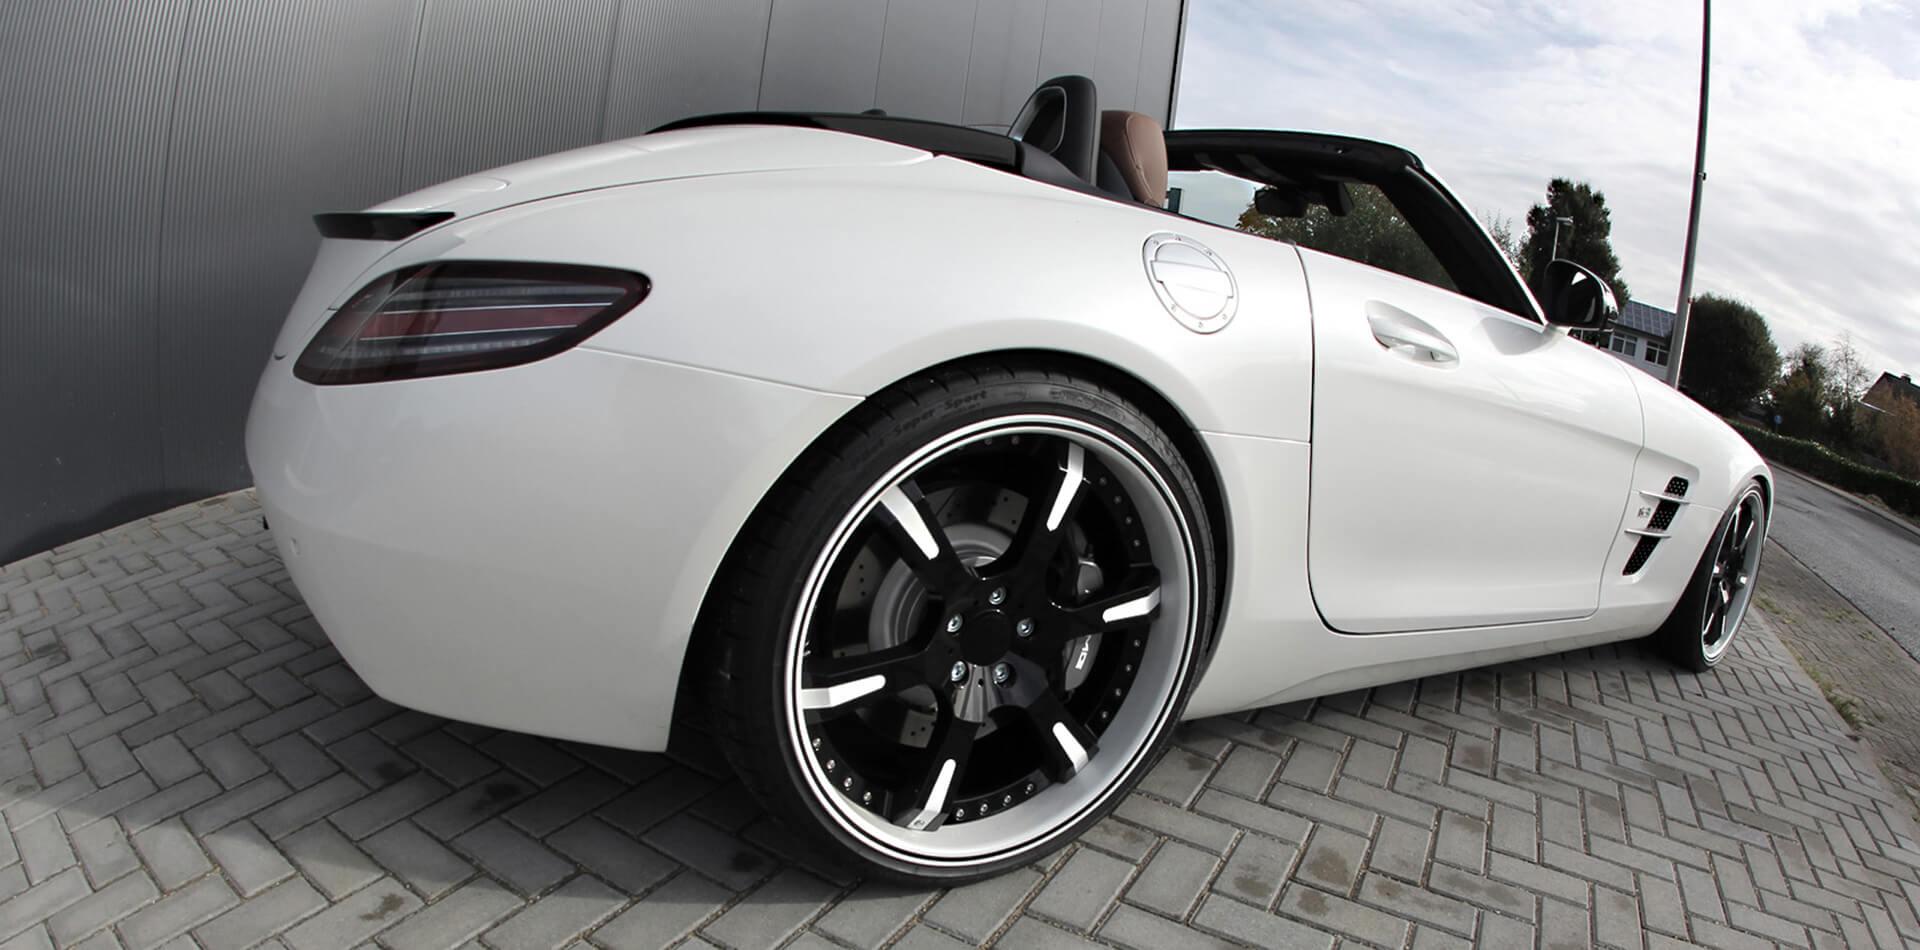 Mercedes SLS AMG mit hydraulisch verstellbarem Rennsportfahrwerk